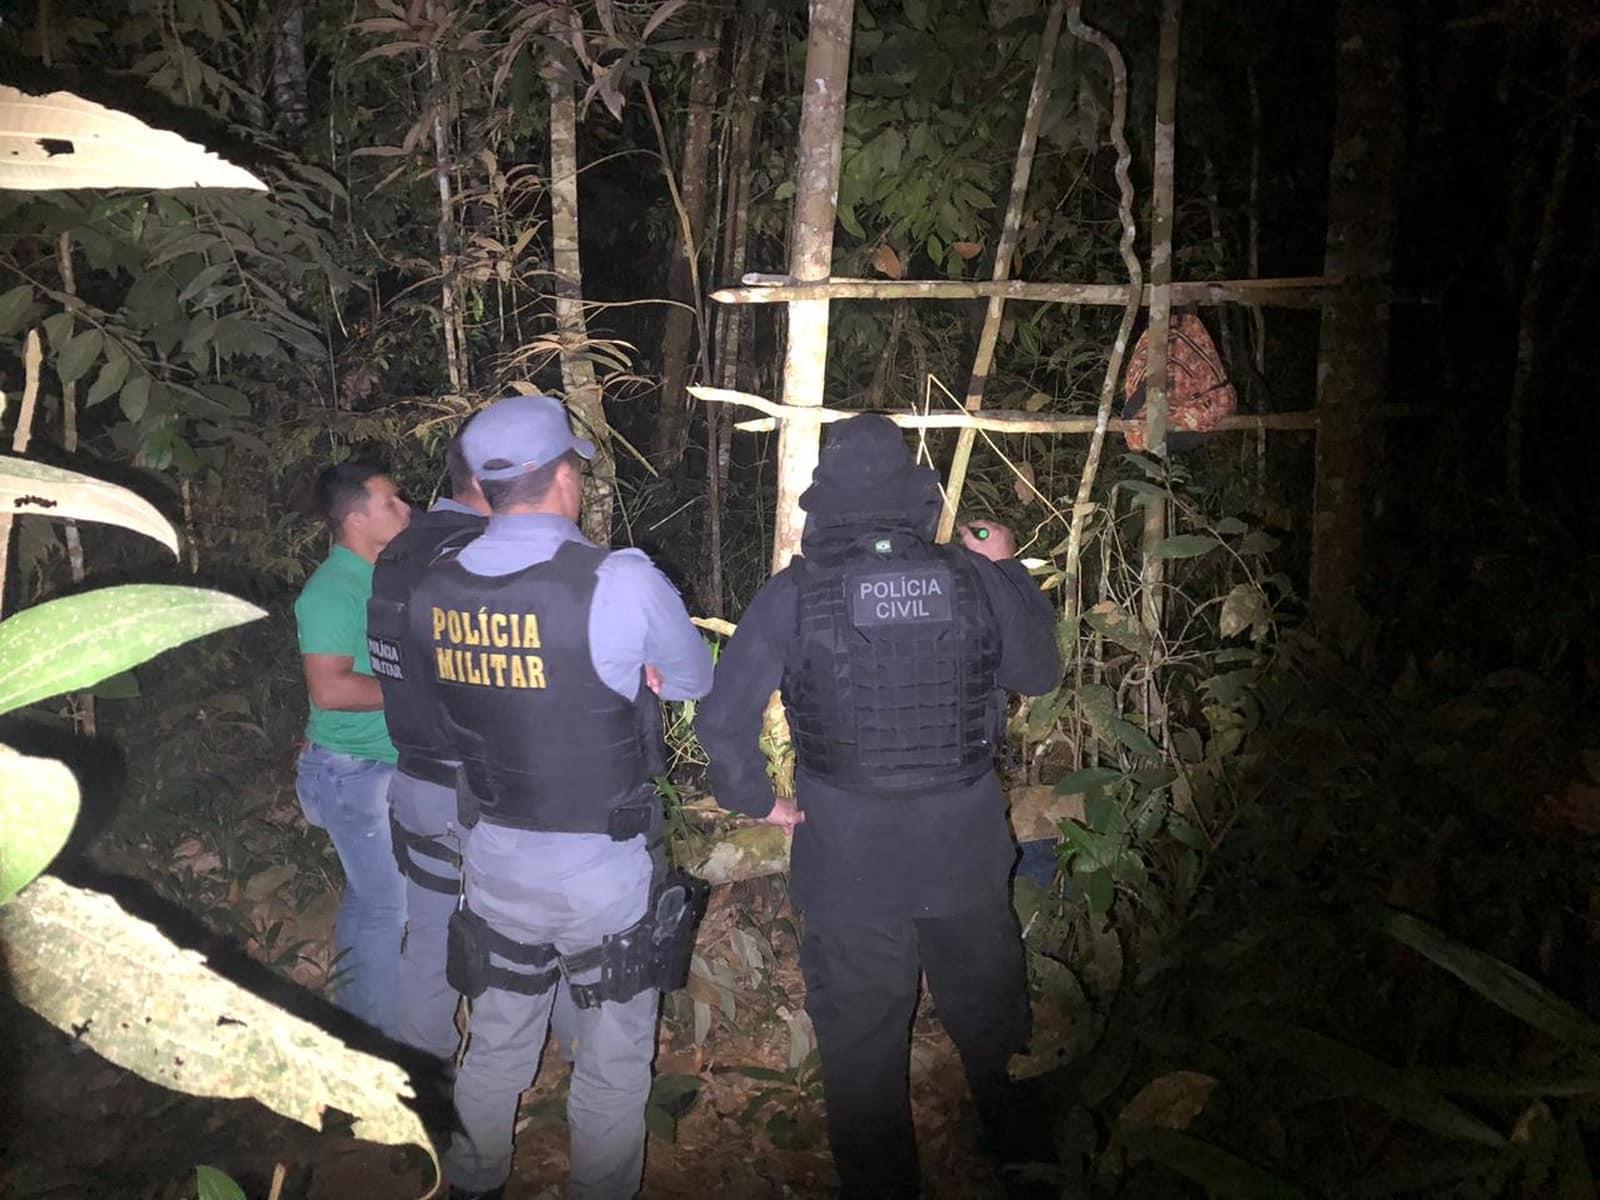 Policiais observam armadilha de onde o caçador teria caído e sido atingido acidentalmente pela própria arma em Nova Ubiratã — Foto: Daniel Silva/Arquivo Pessoal